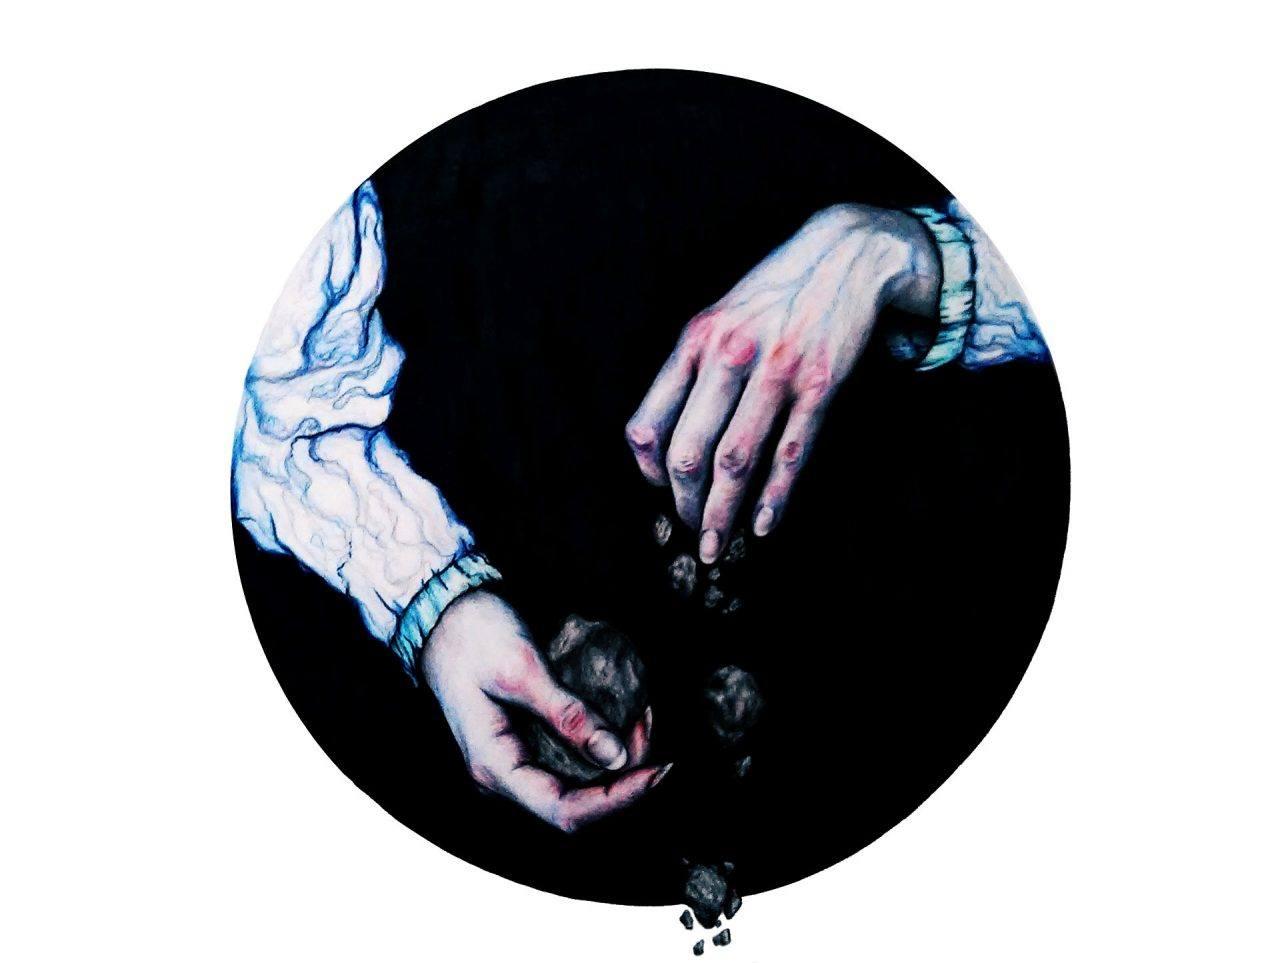 Restless by Olga Uzun